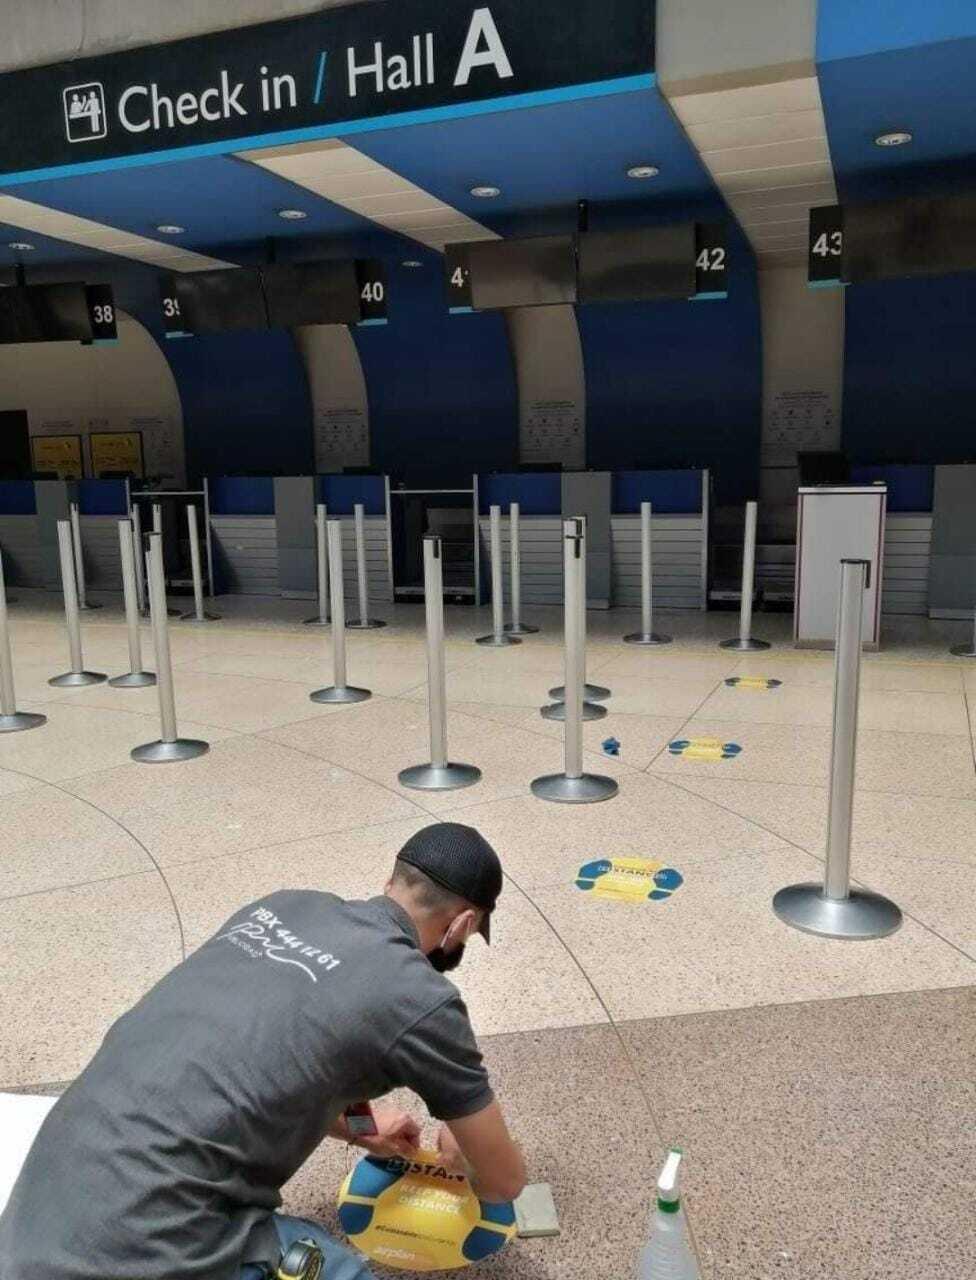 364319_BLU Radio // Demarcan aeropuerto de Rionegro para evitar casos de Covid-19 // Foto: Cortesía del aeropuerto